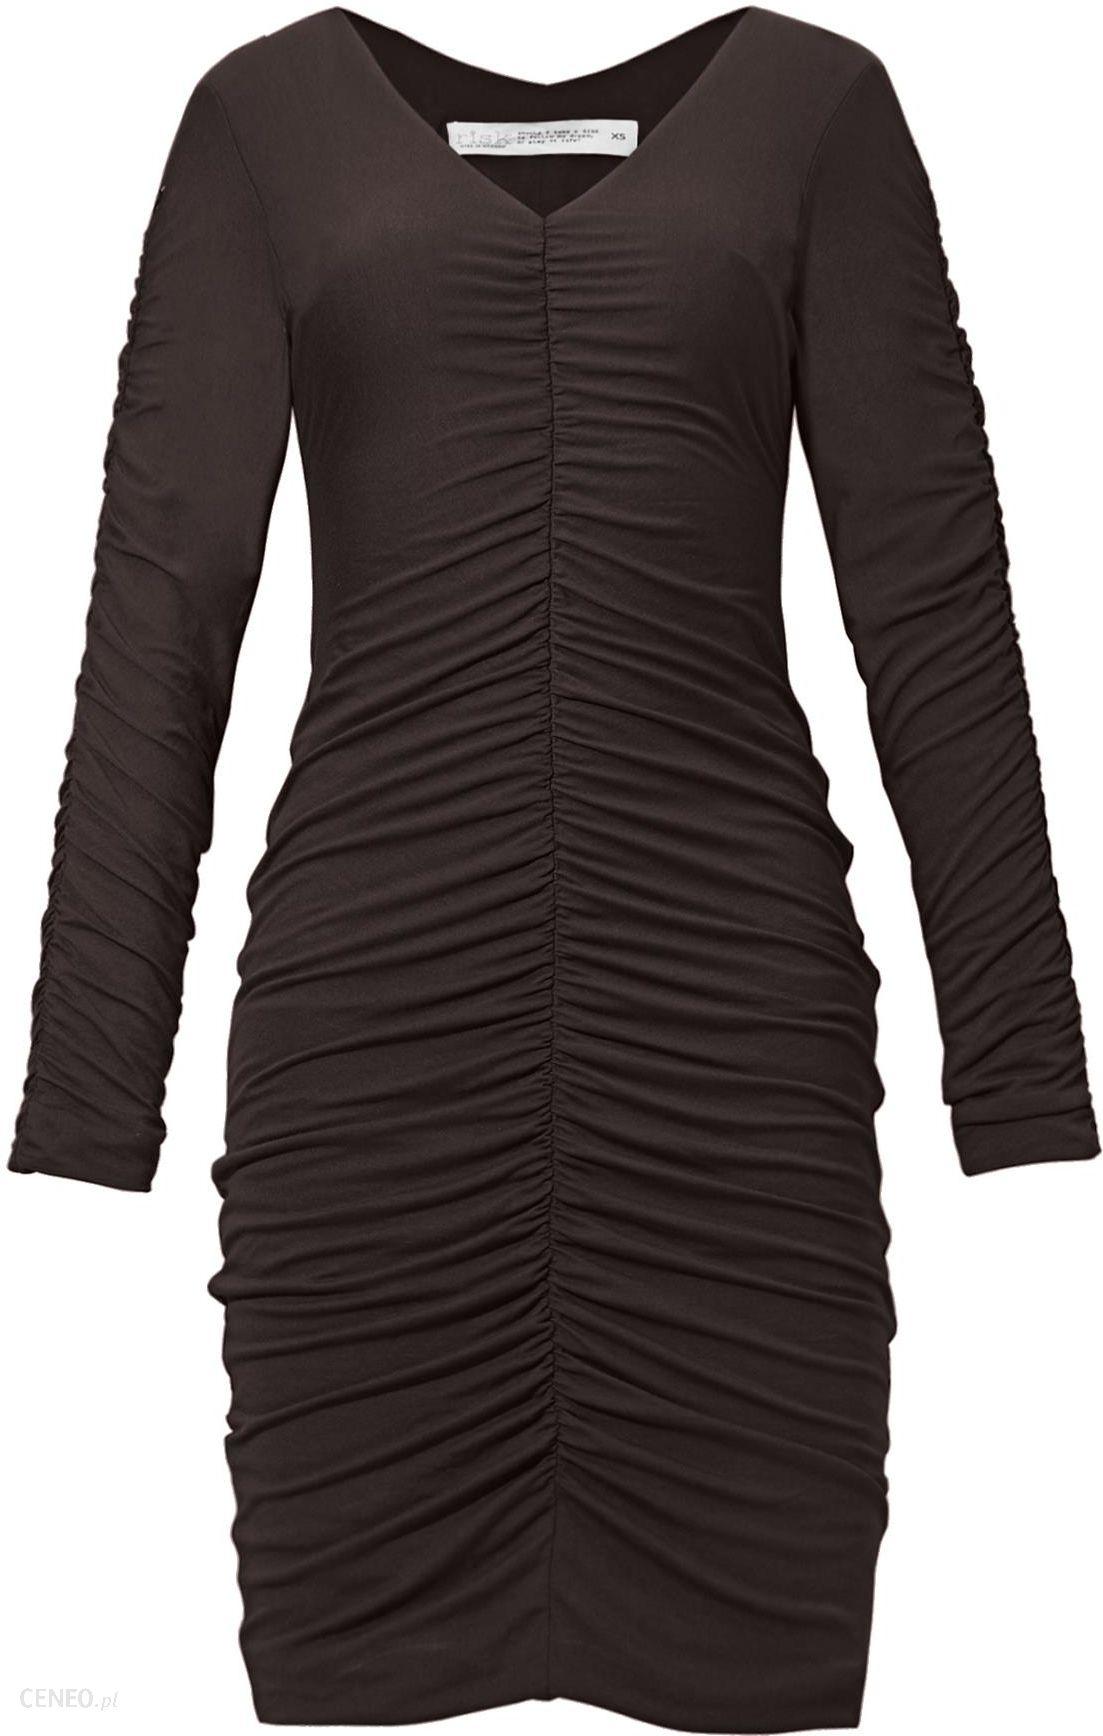 026190f7c5 Sukienka Malena czekolada Rozmiar  Xs - Risk - Ceny i opinie - Ceneo.pl